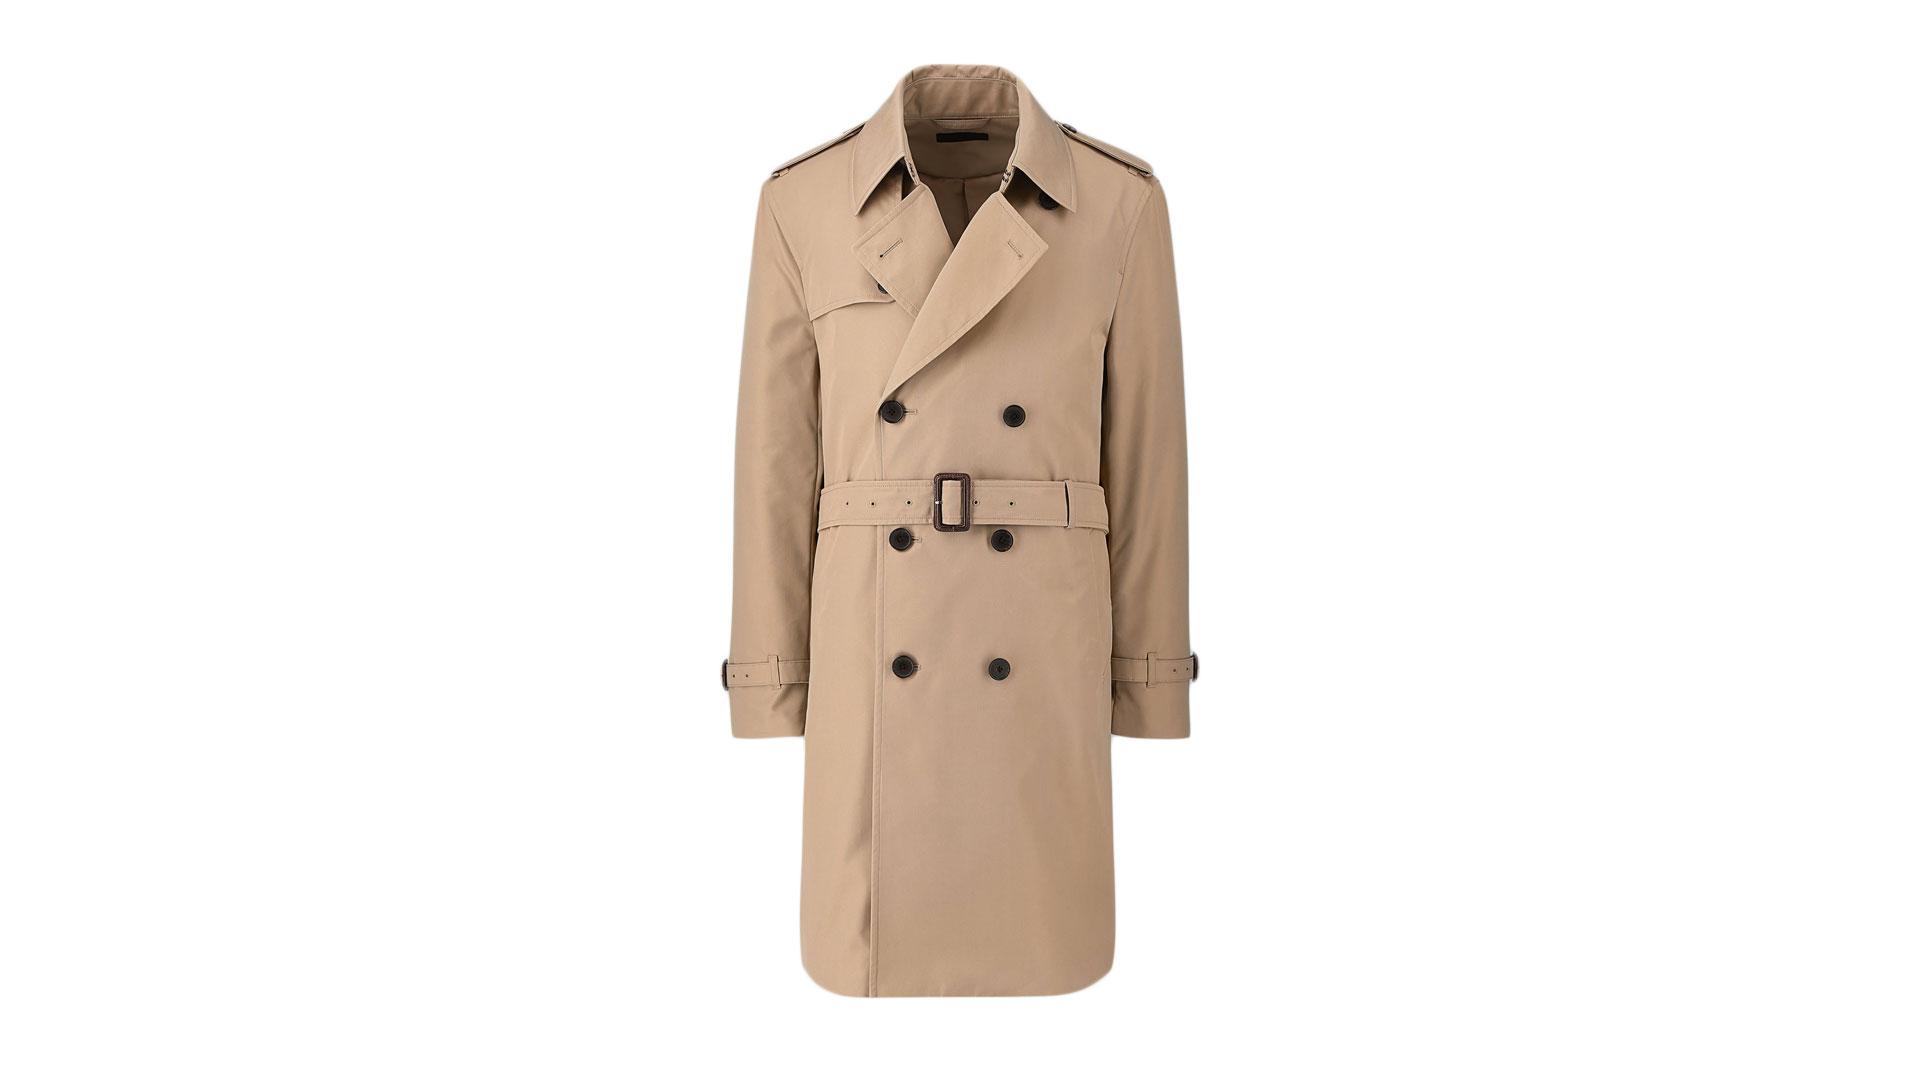 warm winter coat trench coat